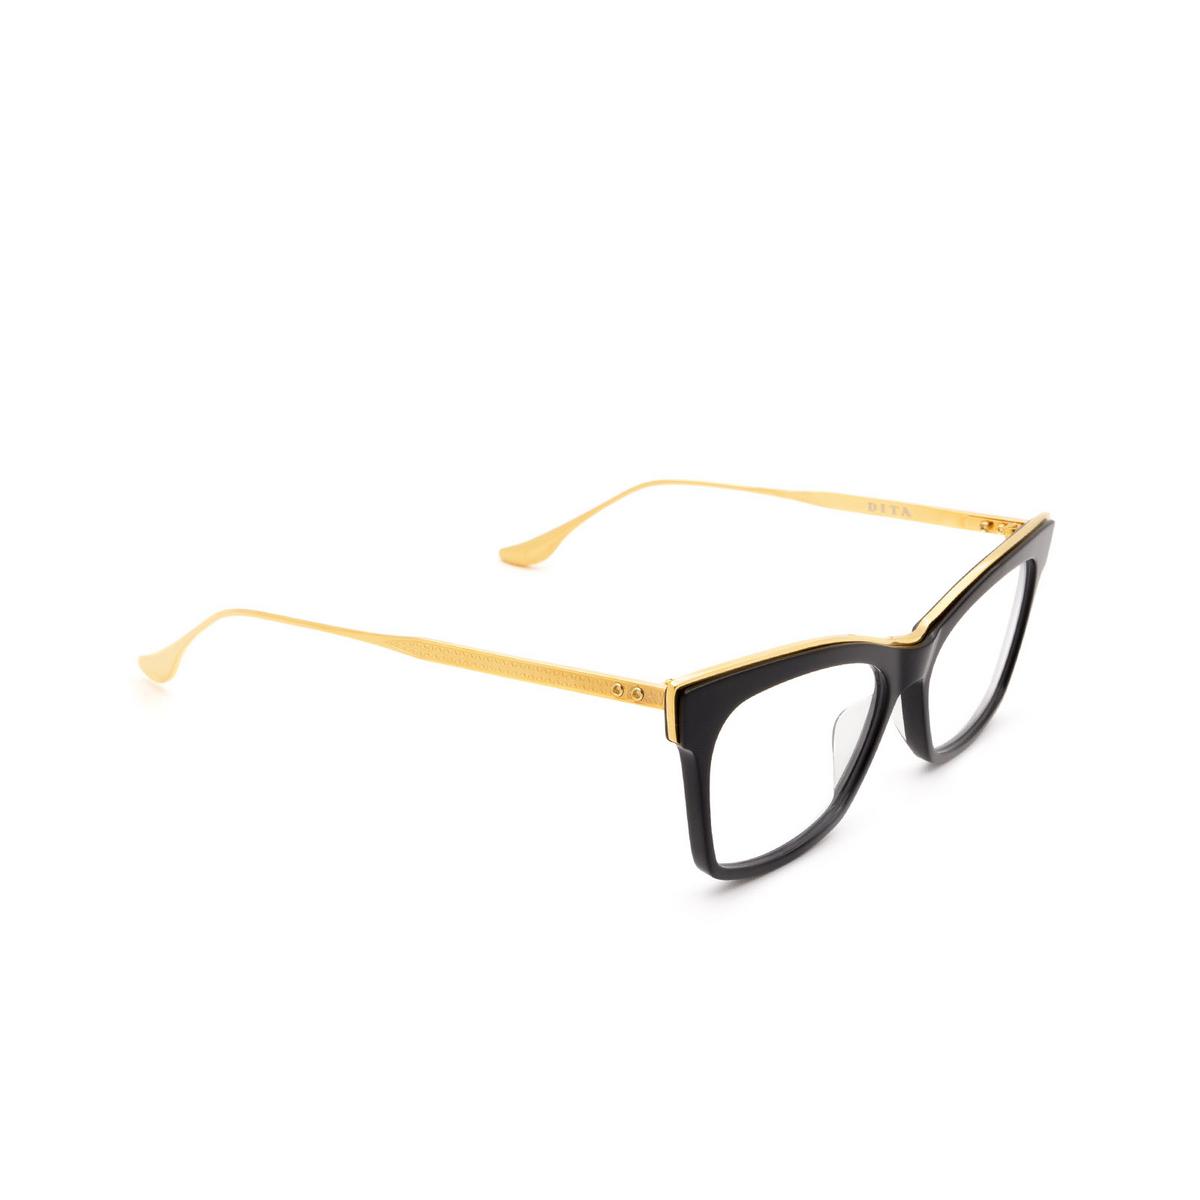 Dita® Cat-eye Eyeglasses: Nemora DTX401-A-01-Z color Black & Gold Blk-gld.